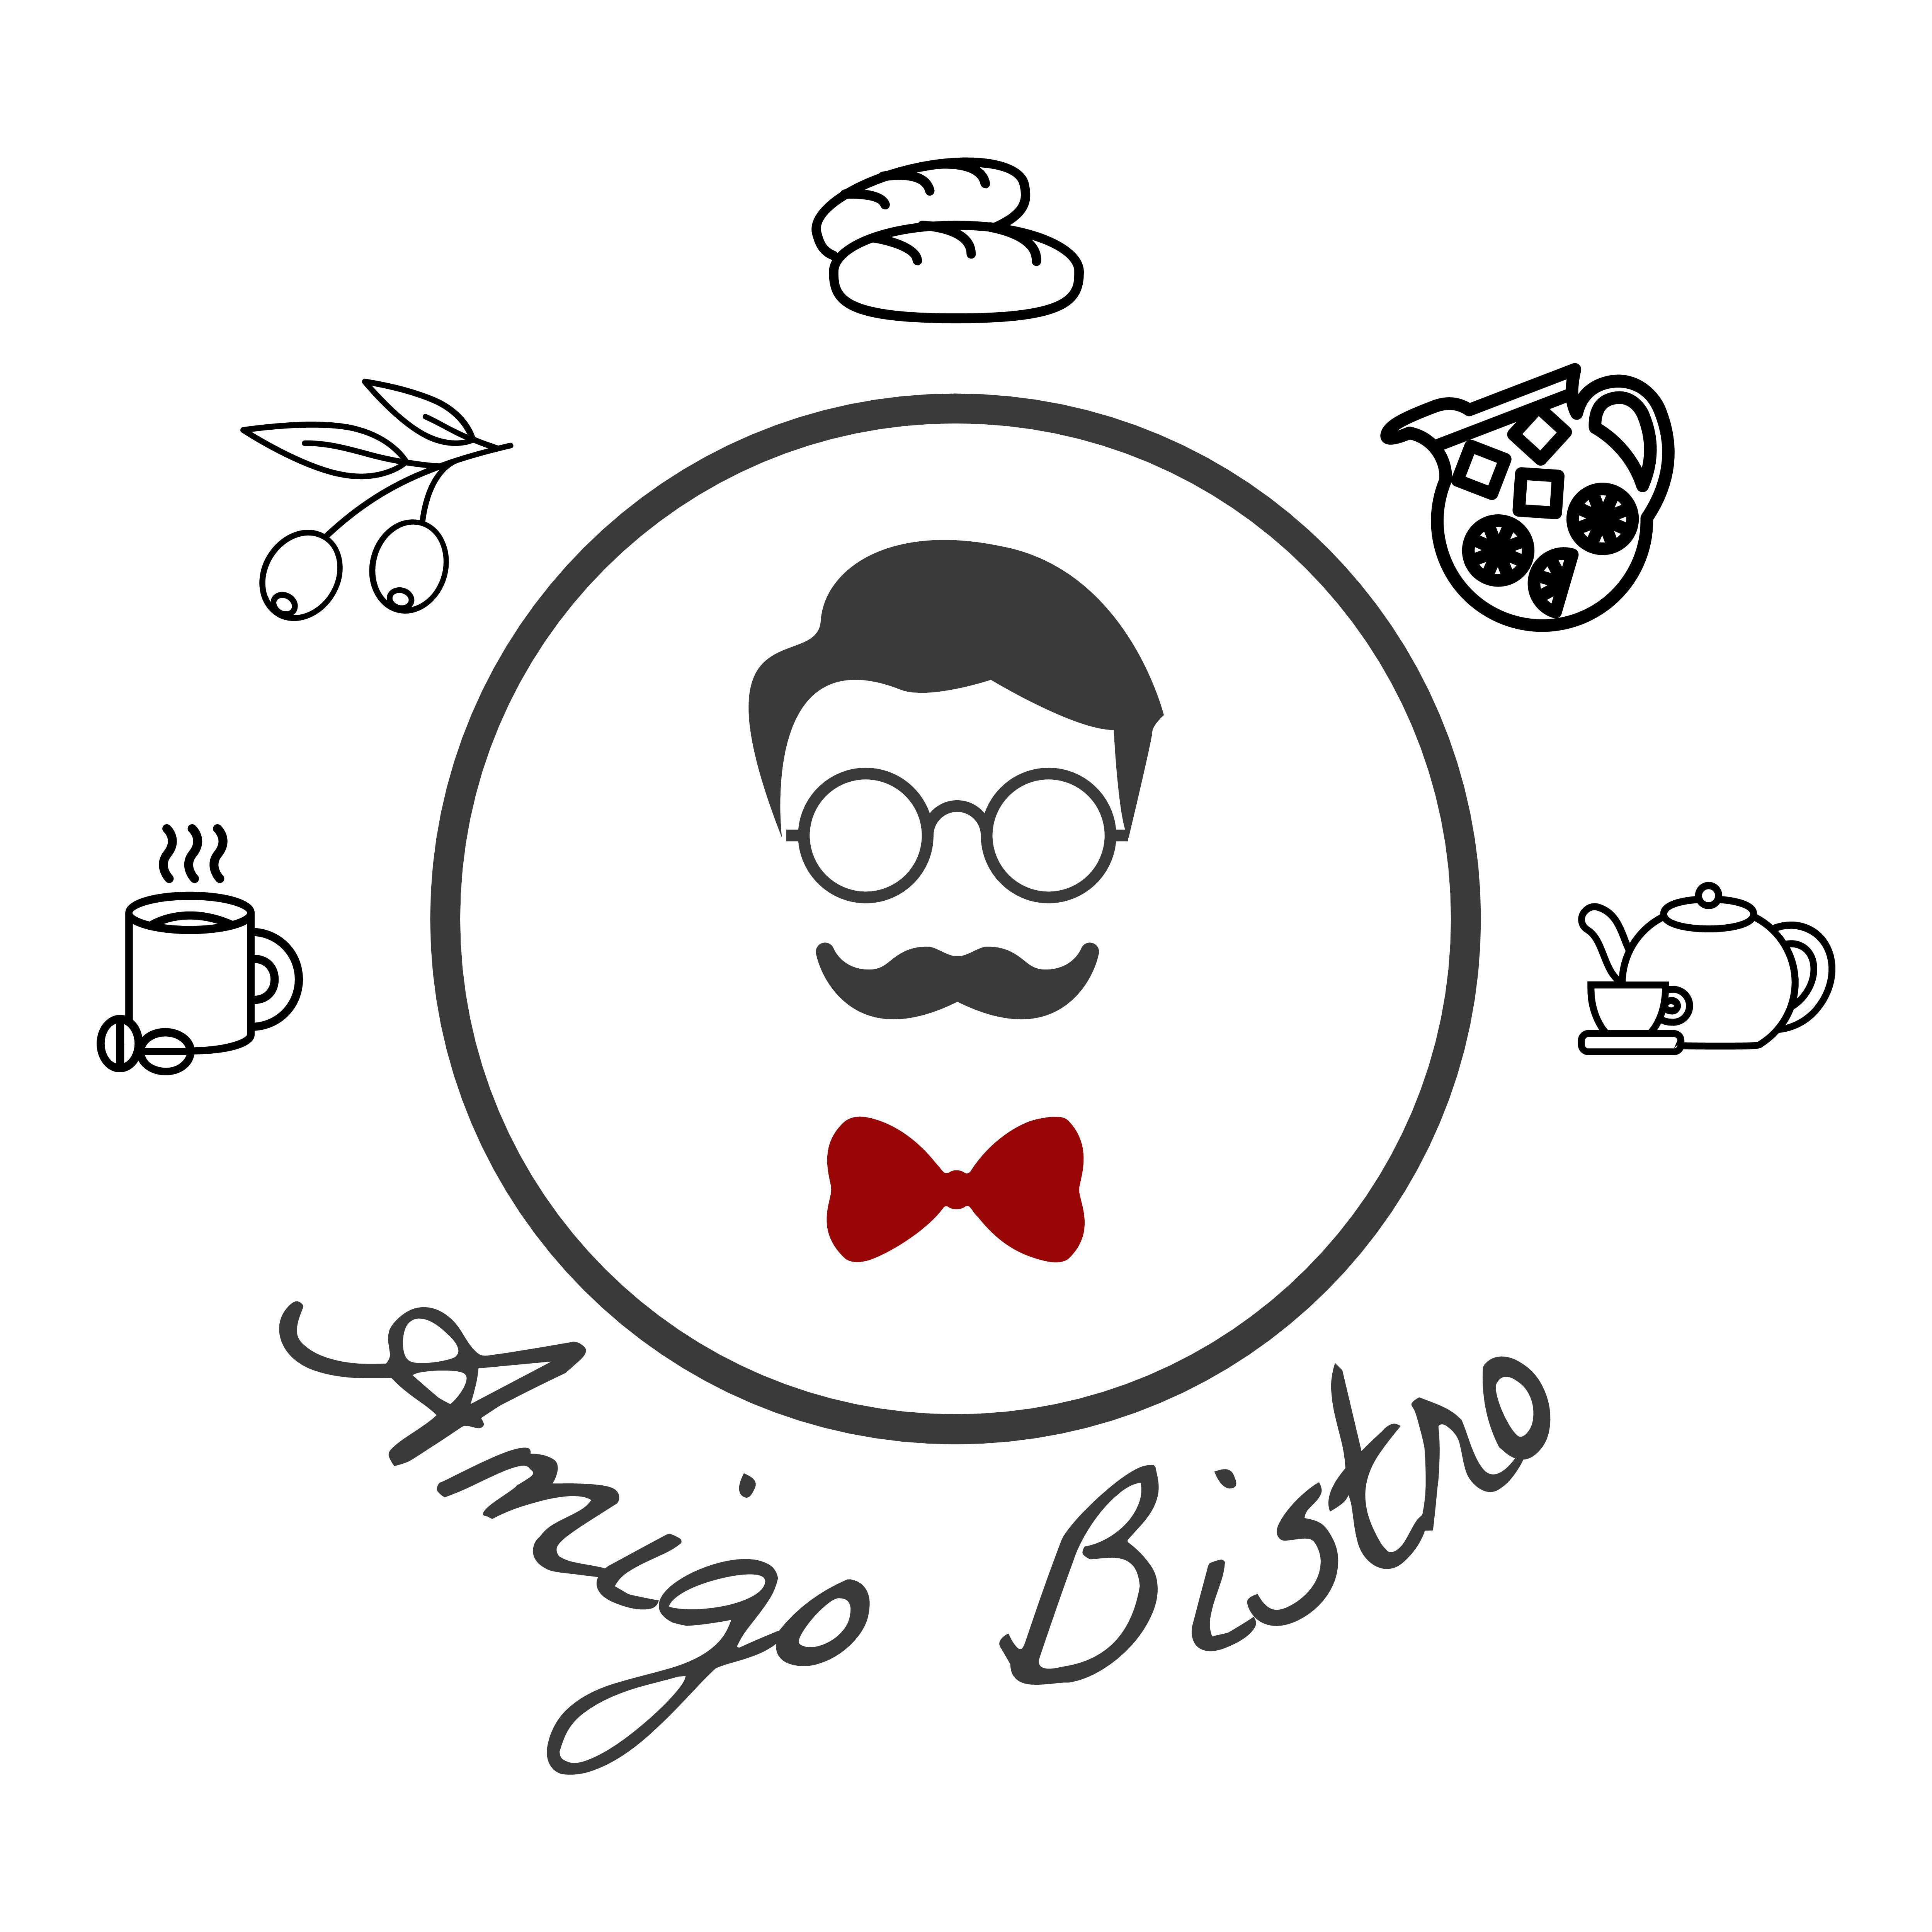 Amigo Bistro & Galeria